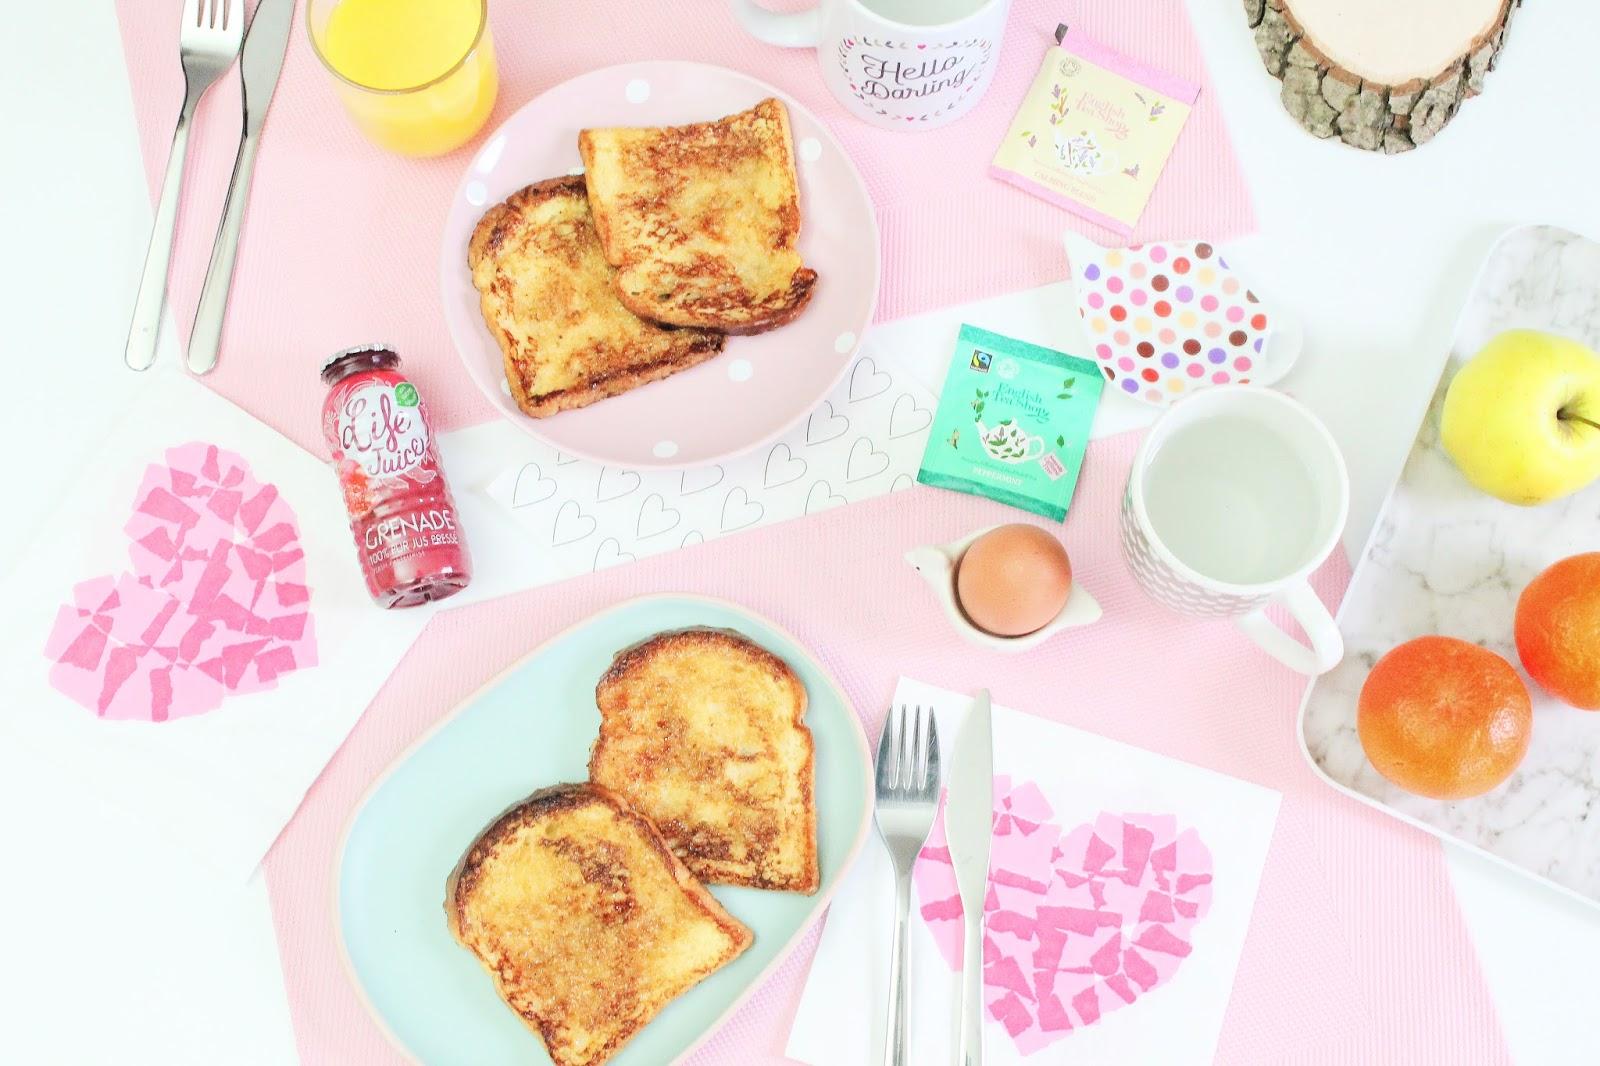 les gommettes de melo recette pain perdu idée brunch saint valentin crepes pancakes sucre pain de mie oeufs lait végétal degustabox miel sarrazin soja facile comment faire table teatime english tea shop